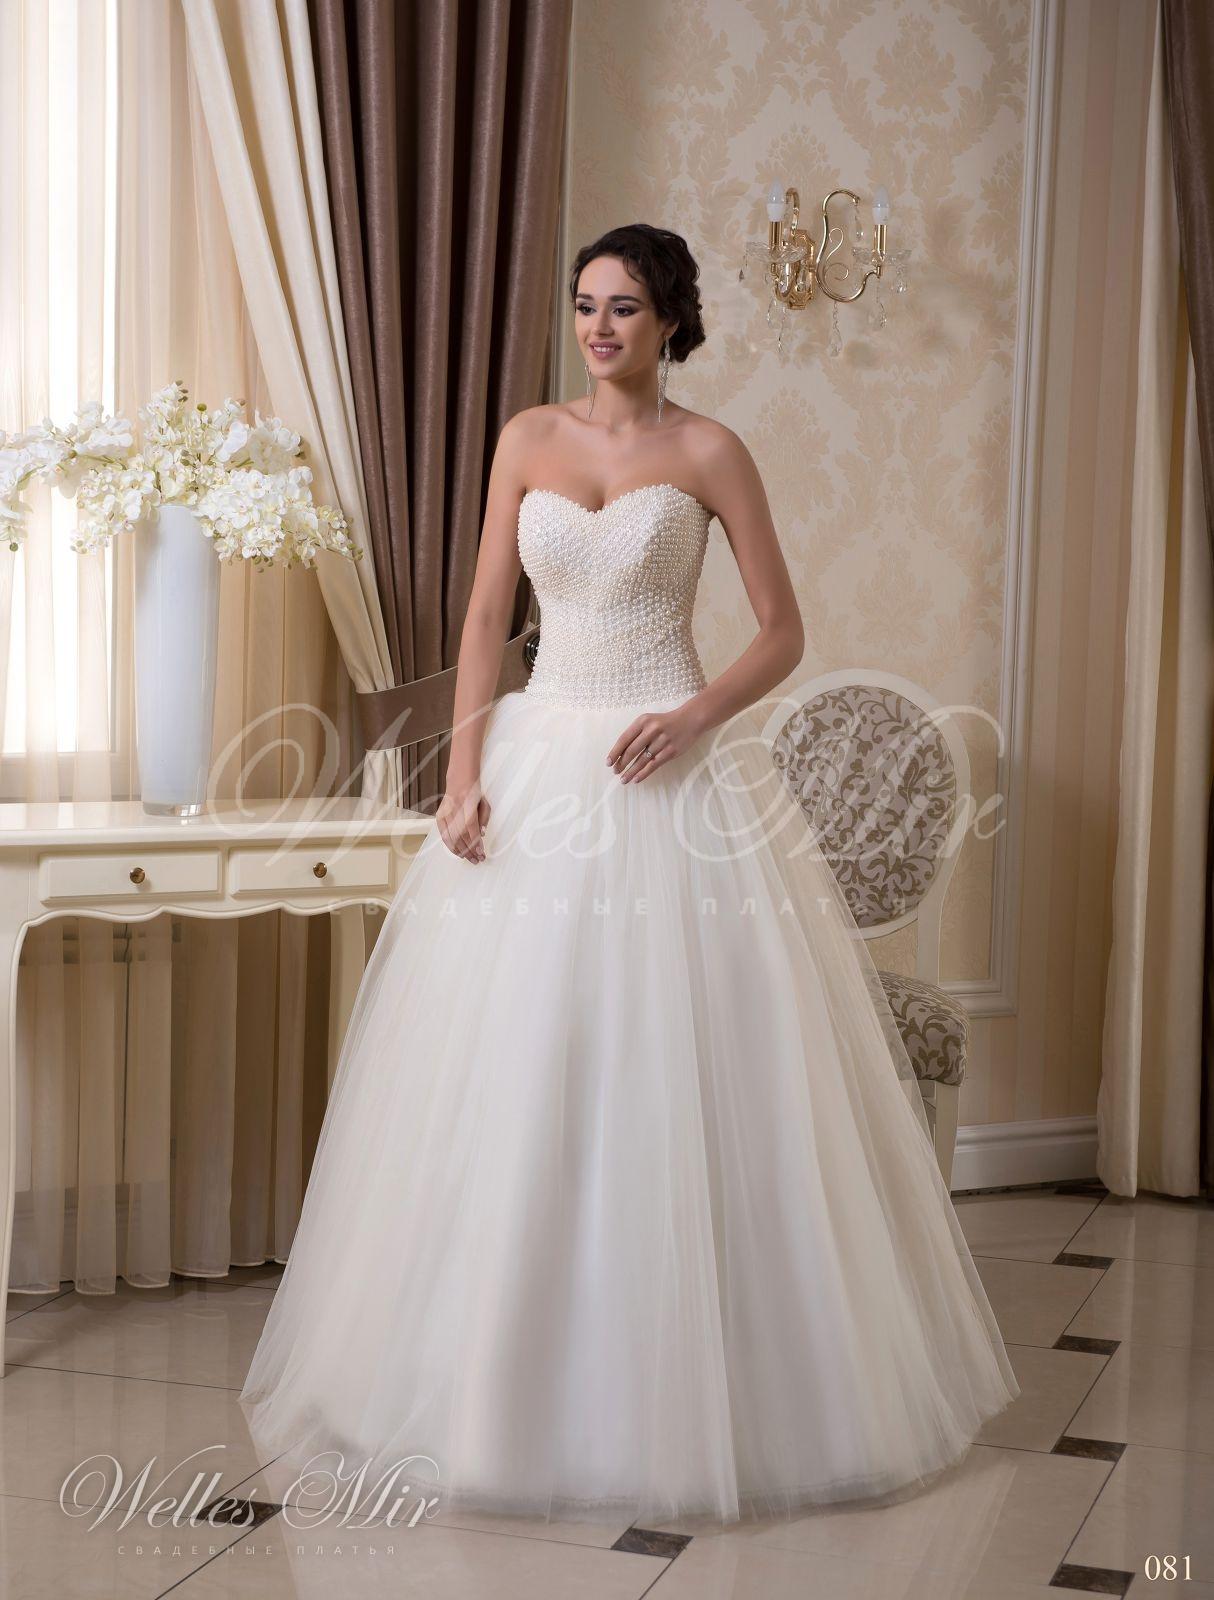 Свадебные платья Charming Elegance - 081